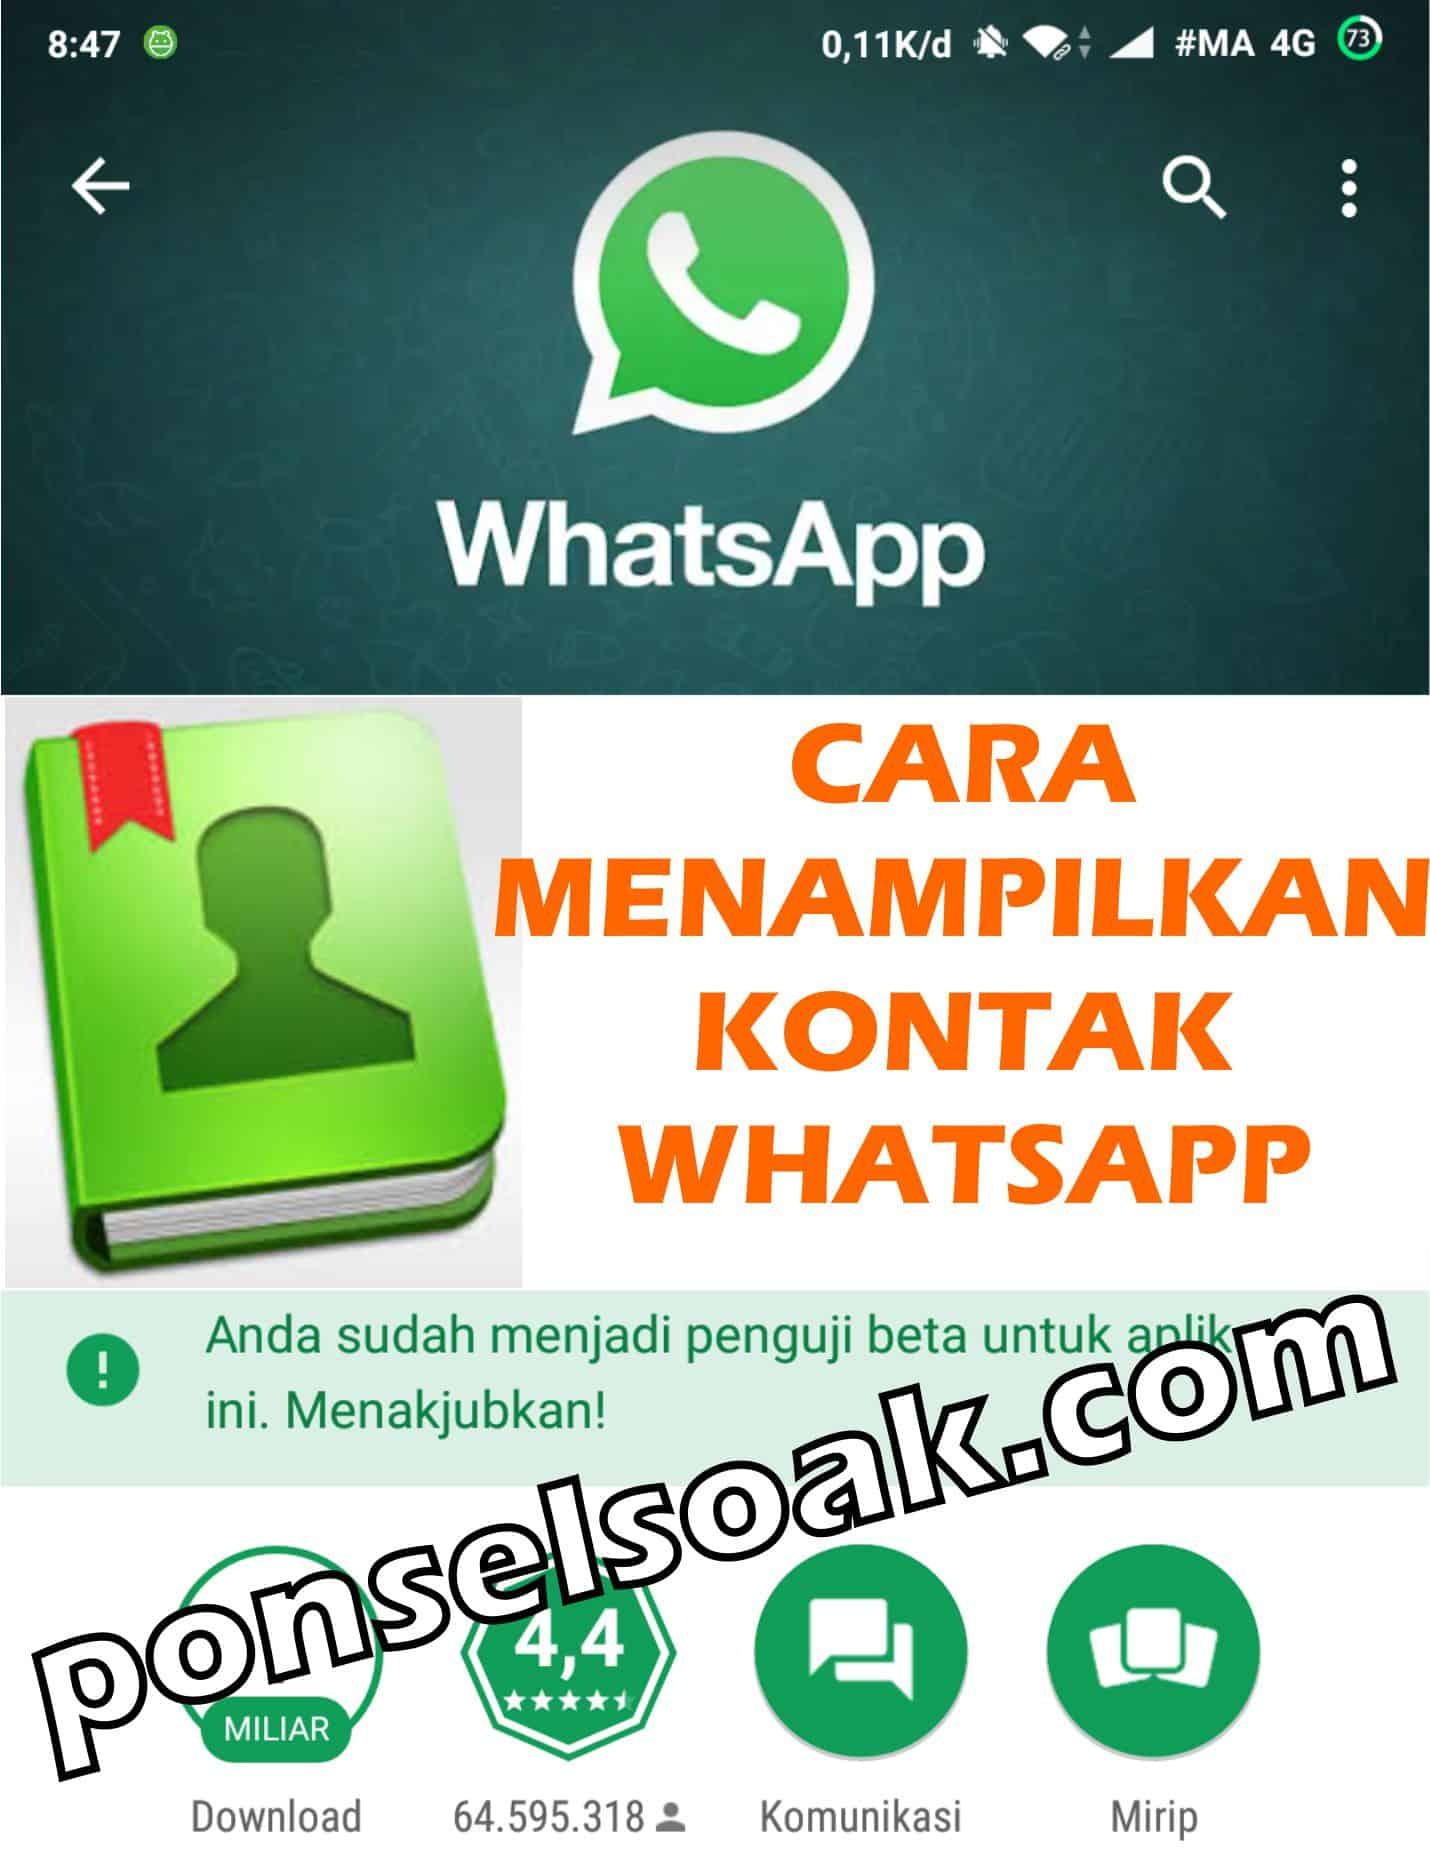 2+ Cara Menampilkan Kontak WhatsApp Yang Tidak Muncul (Hilang)